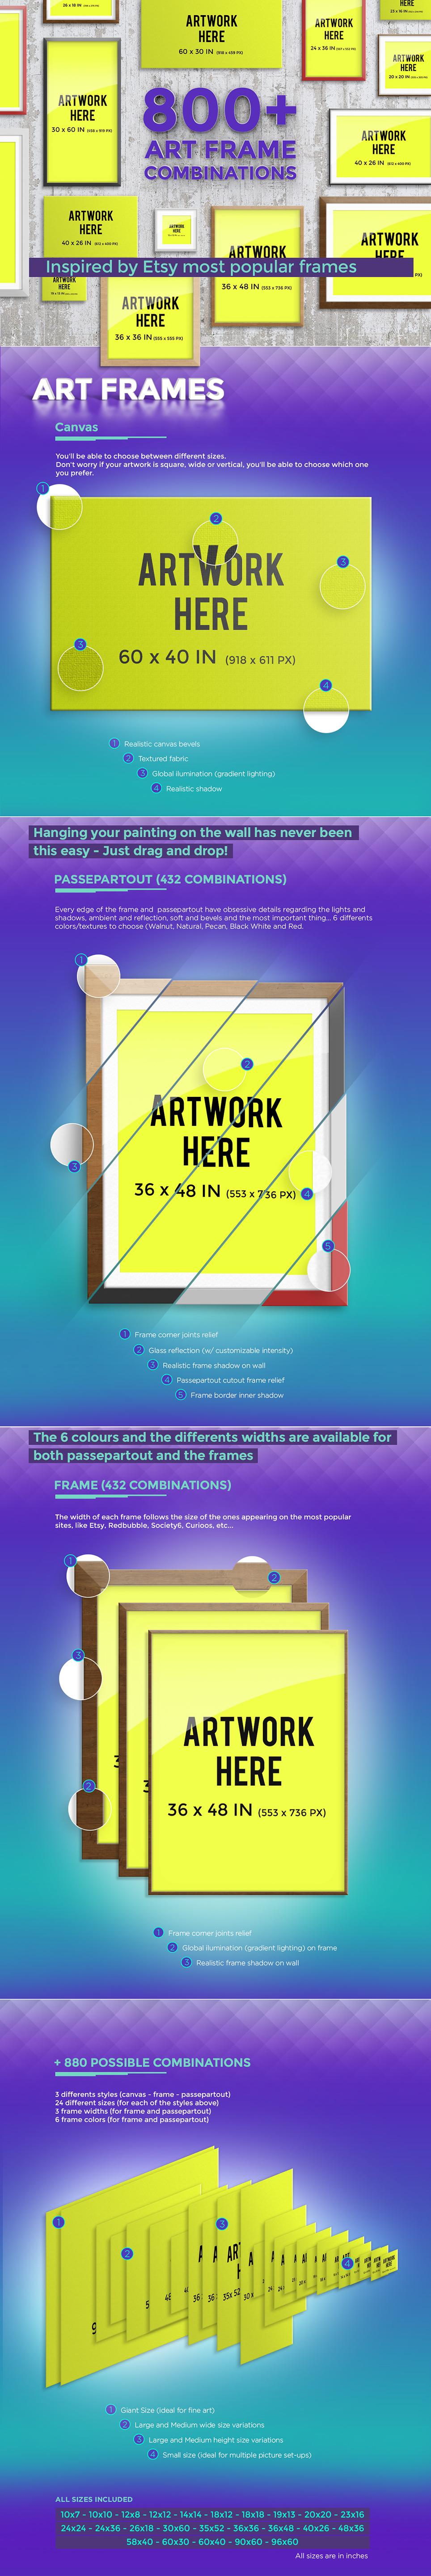 Pro Mockup, art frames for etsy artists